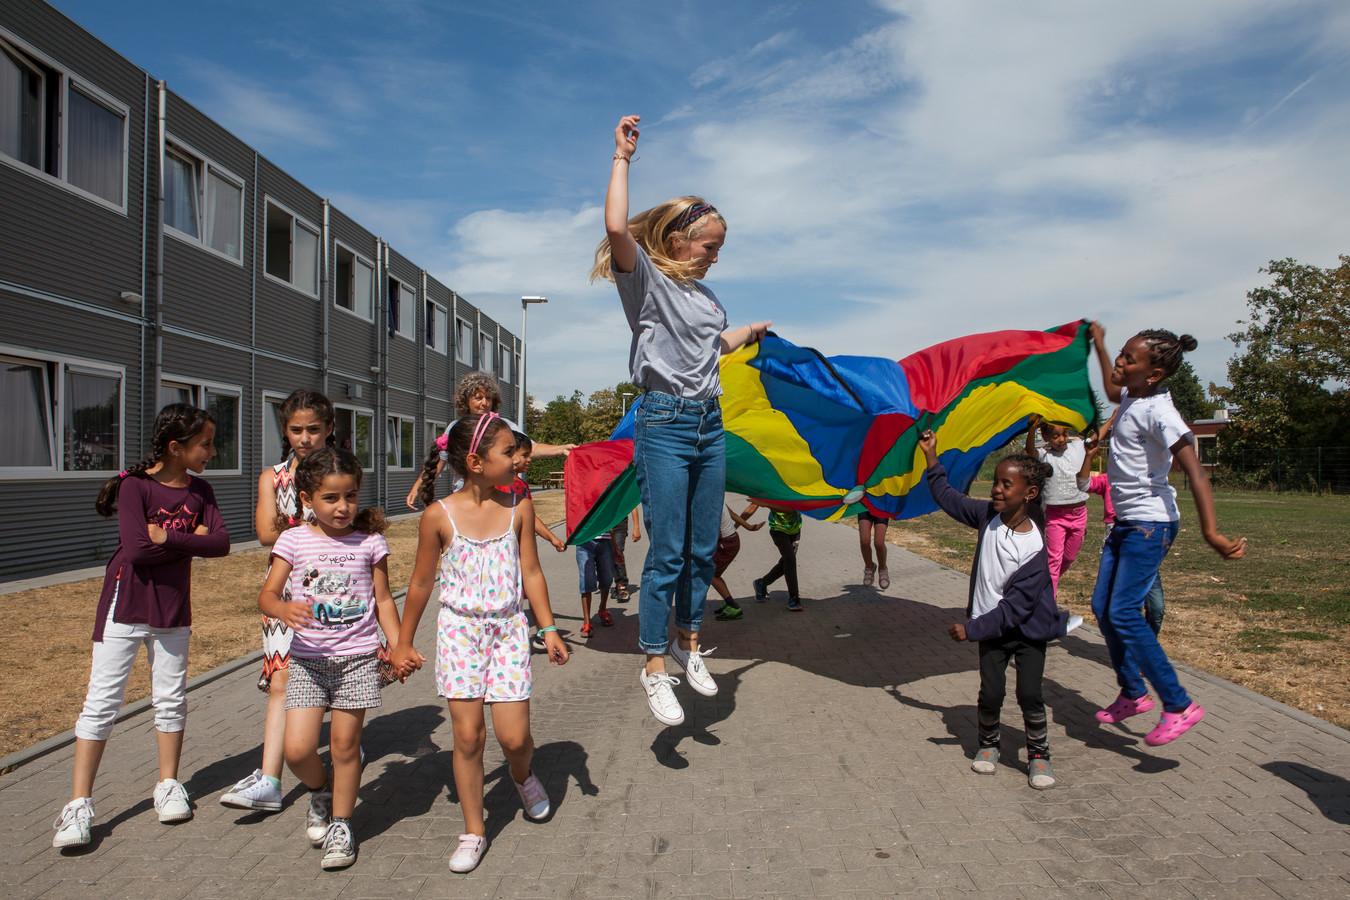 Kinderen spelen met een vlag tijdens een TeamUp-middag.